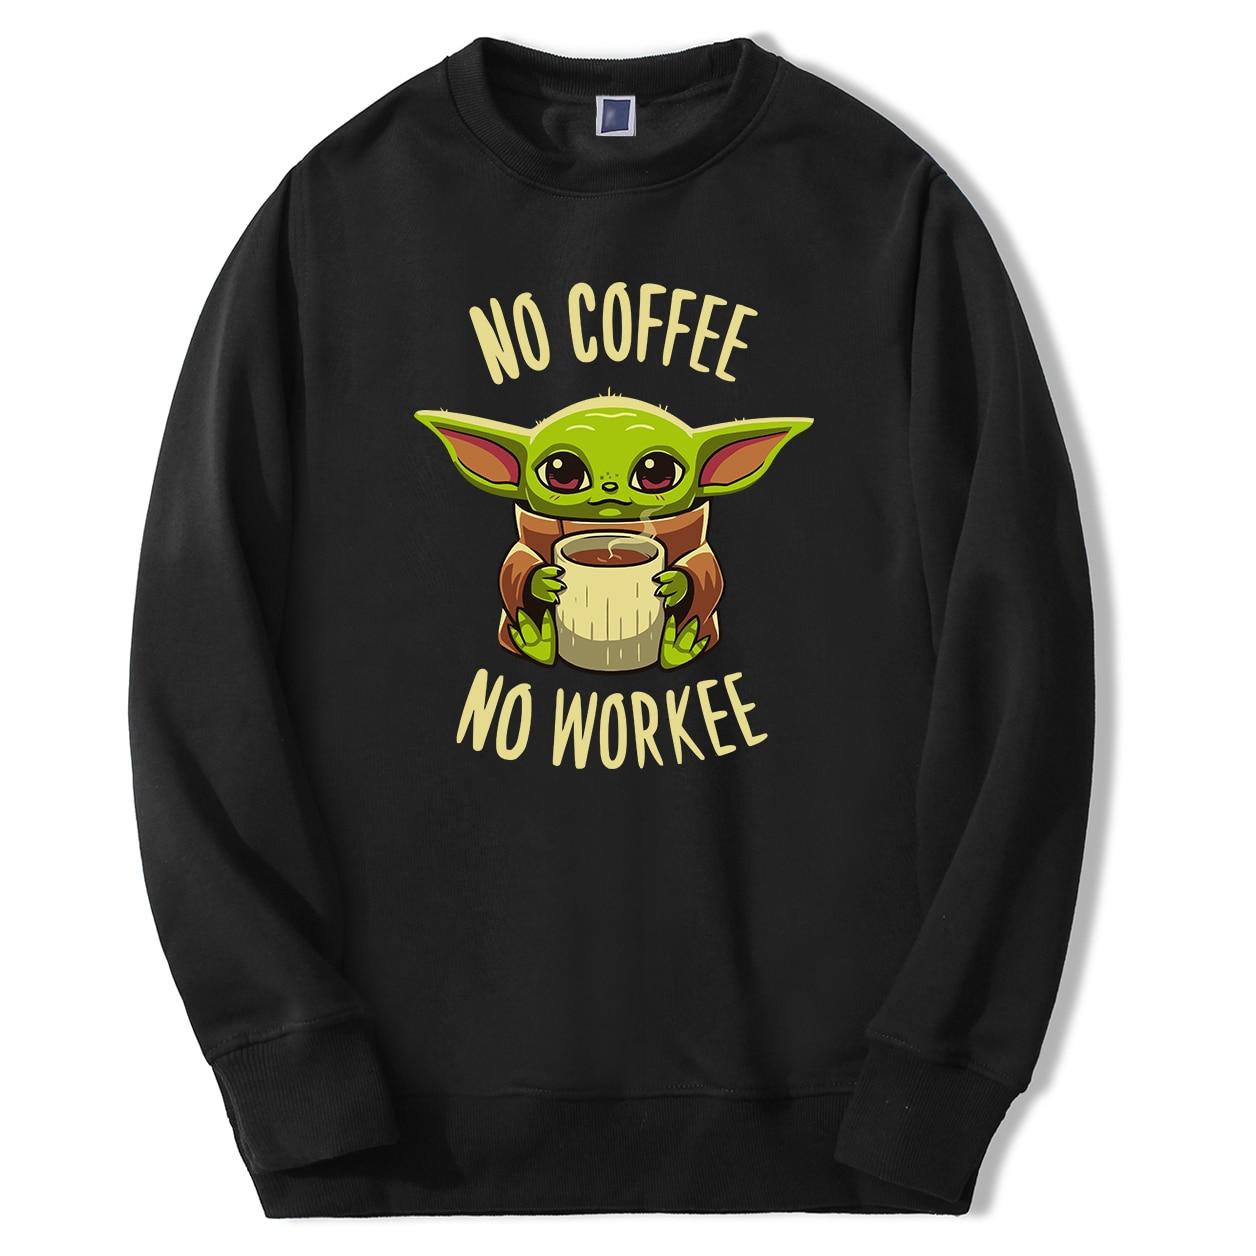 Bluzy męskie Mandalorian Cute Baby Yoda Nocoffee No Workee